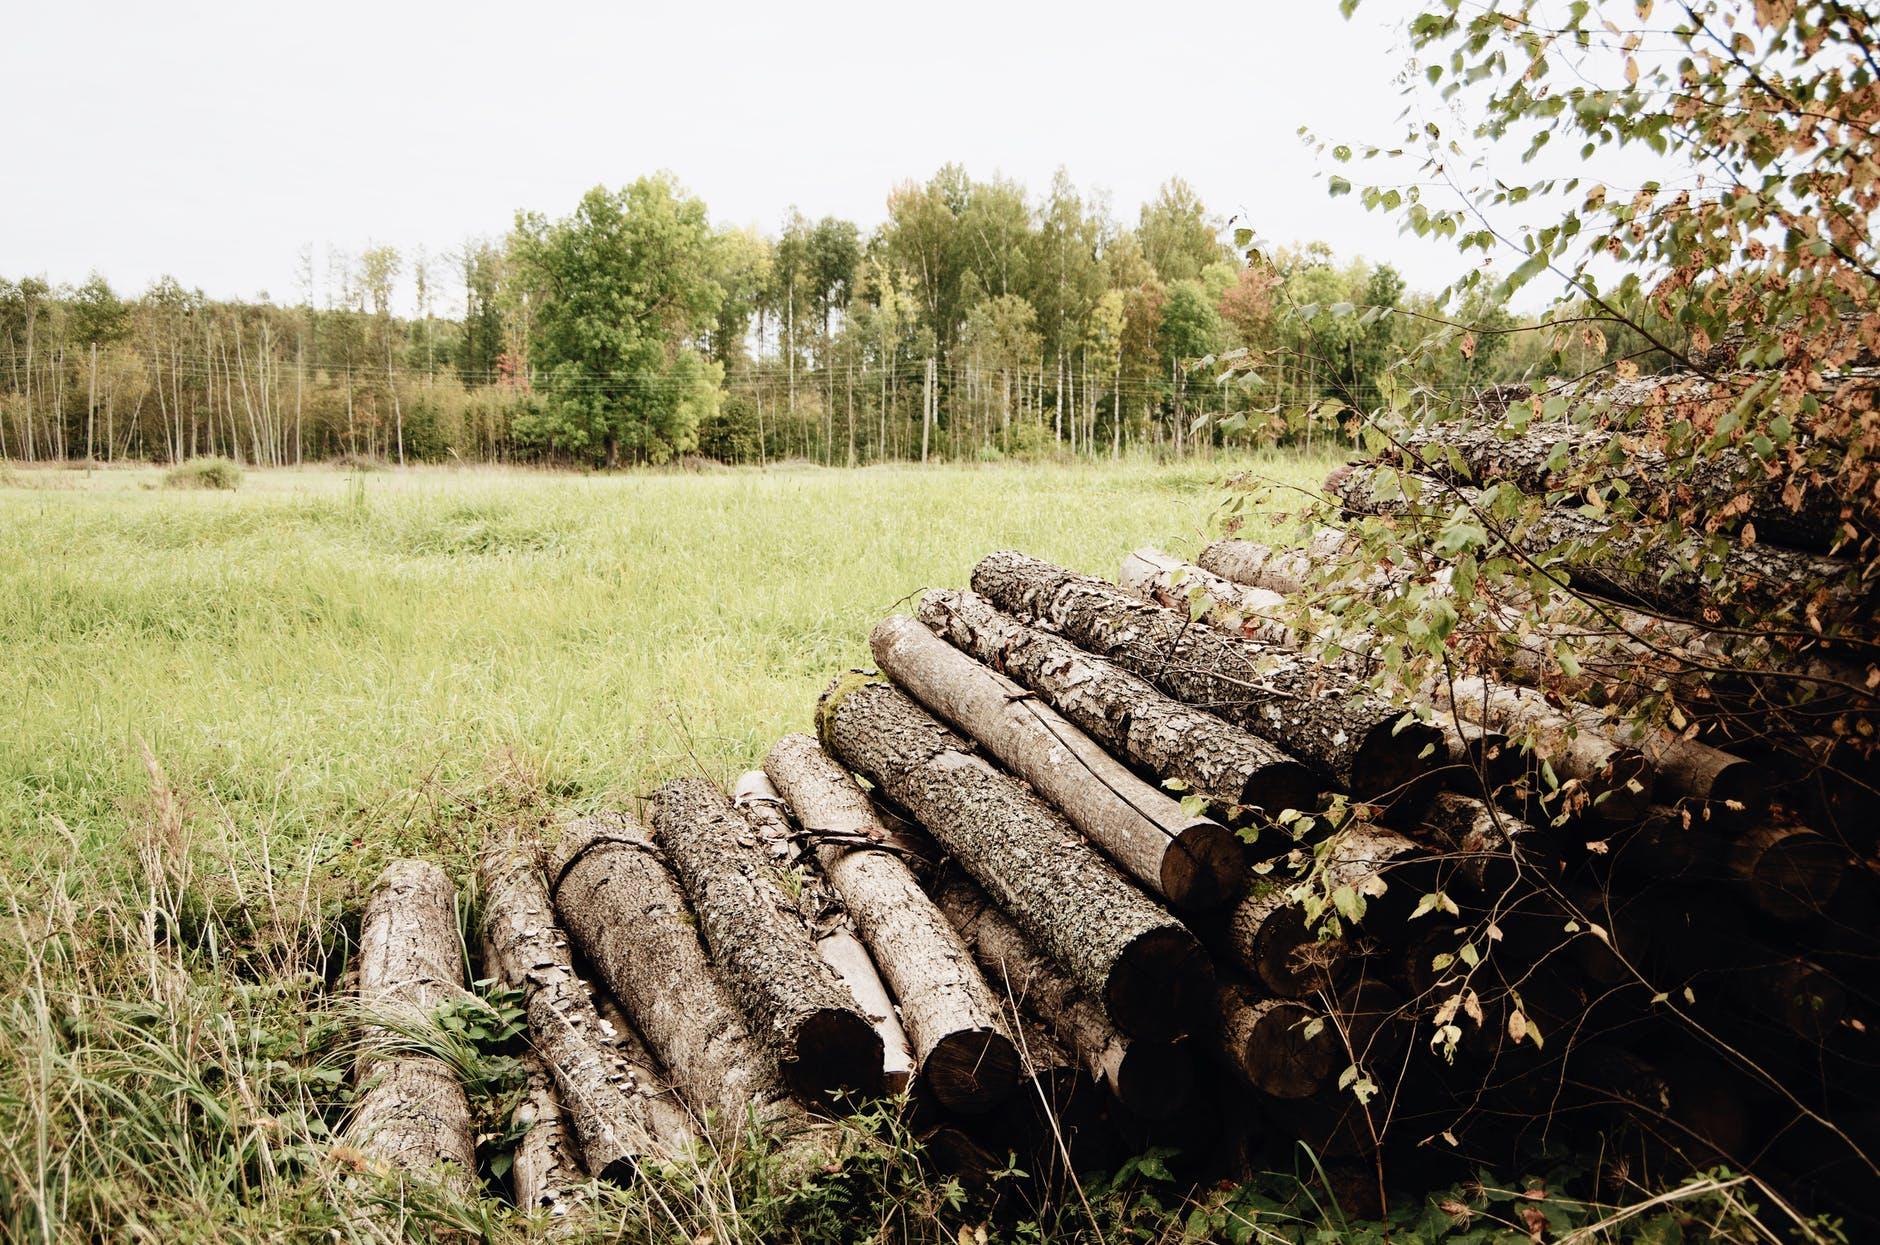 Lesy Mladá Boleslav vám pomohou stěžbou dřeva ale i se zalesněním